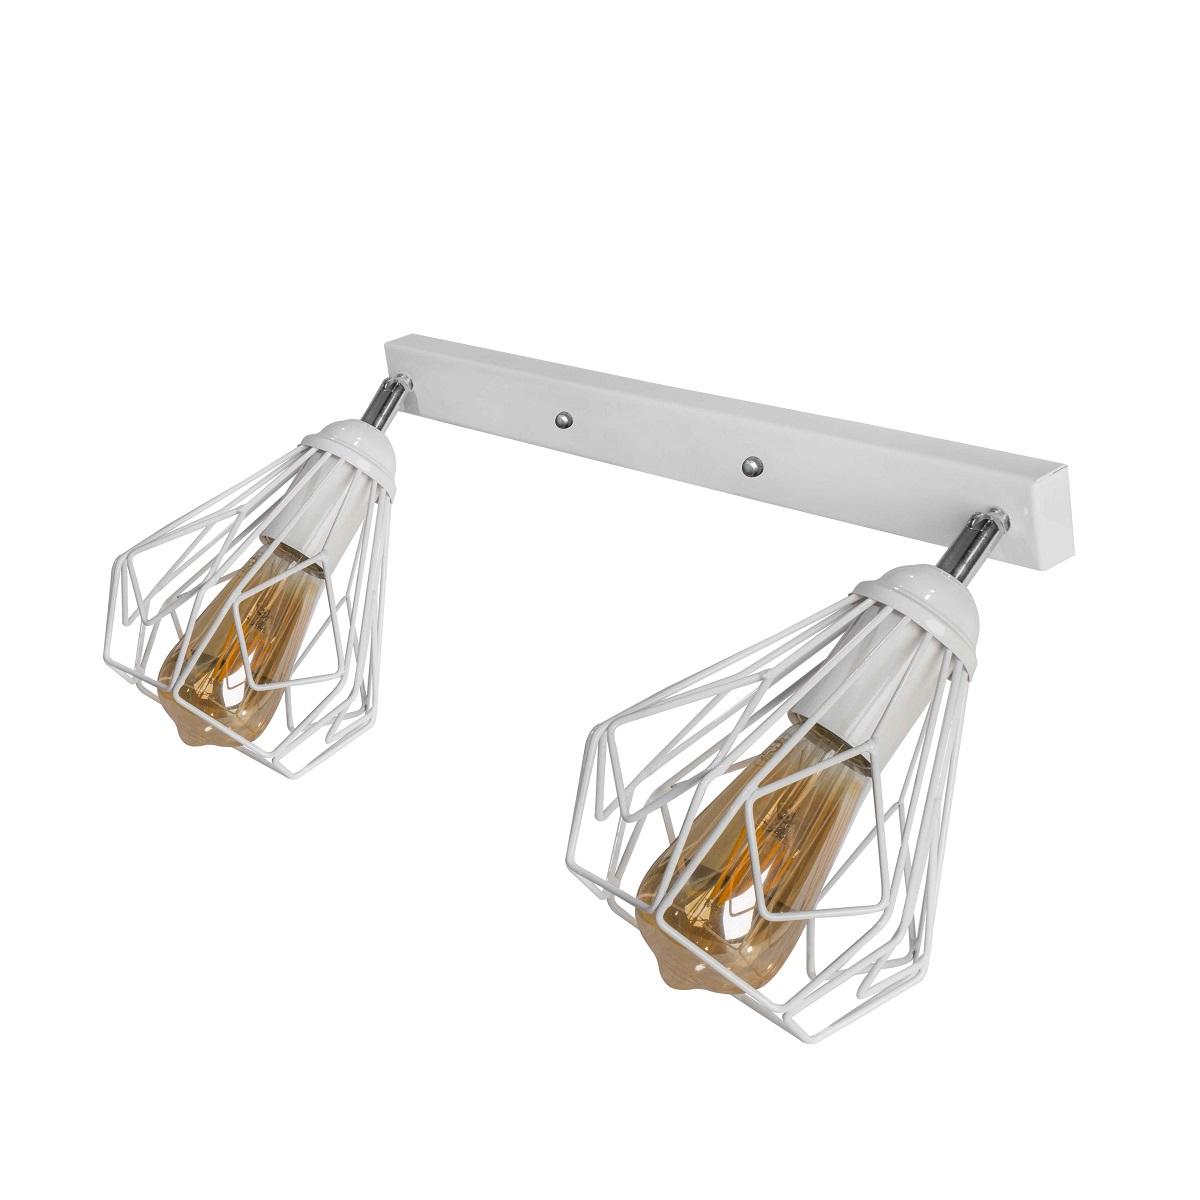 Светильники ЛОФТ - Люстра лофт потолочная с поворотным плафоном 000002784 - Фото 1